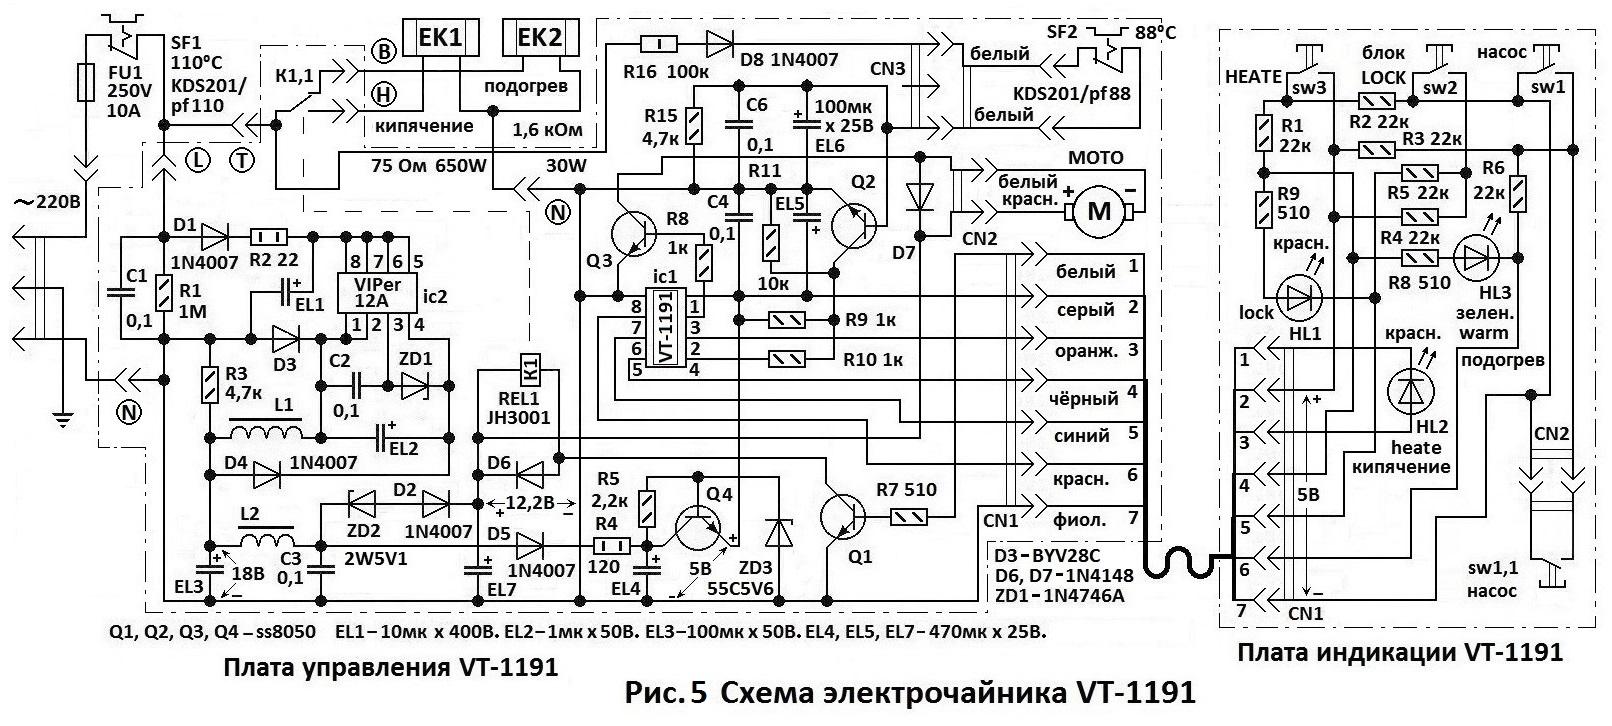 схема термопота сайте www.eleczon.ru